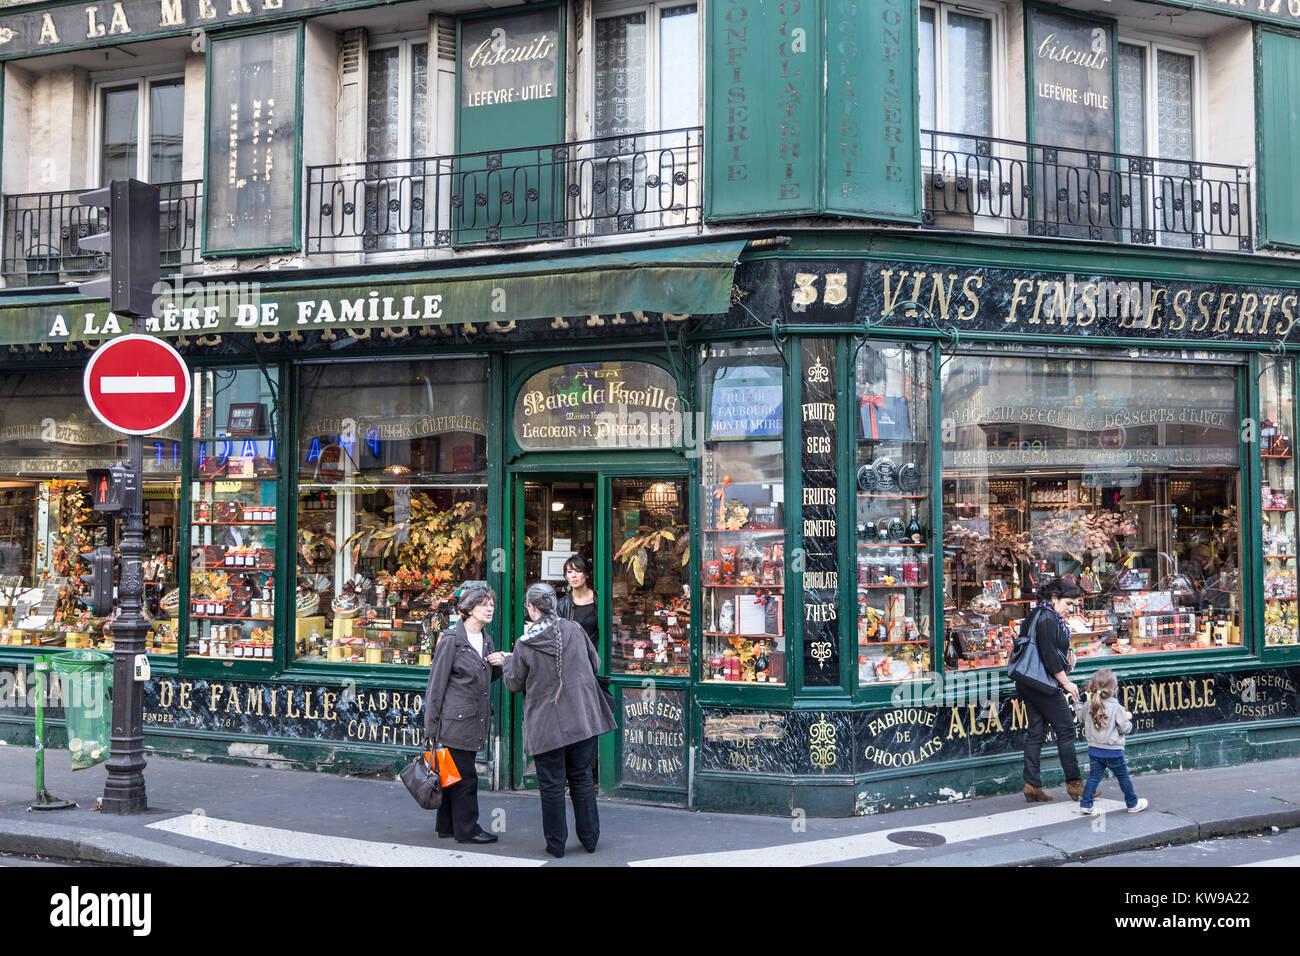 France, Paris (75), A La Mere de Famille, sweets shop. - Stock Image